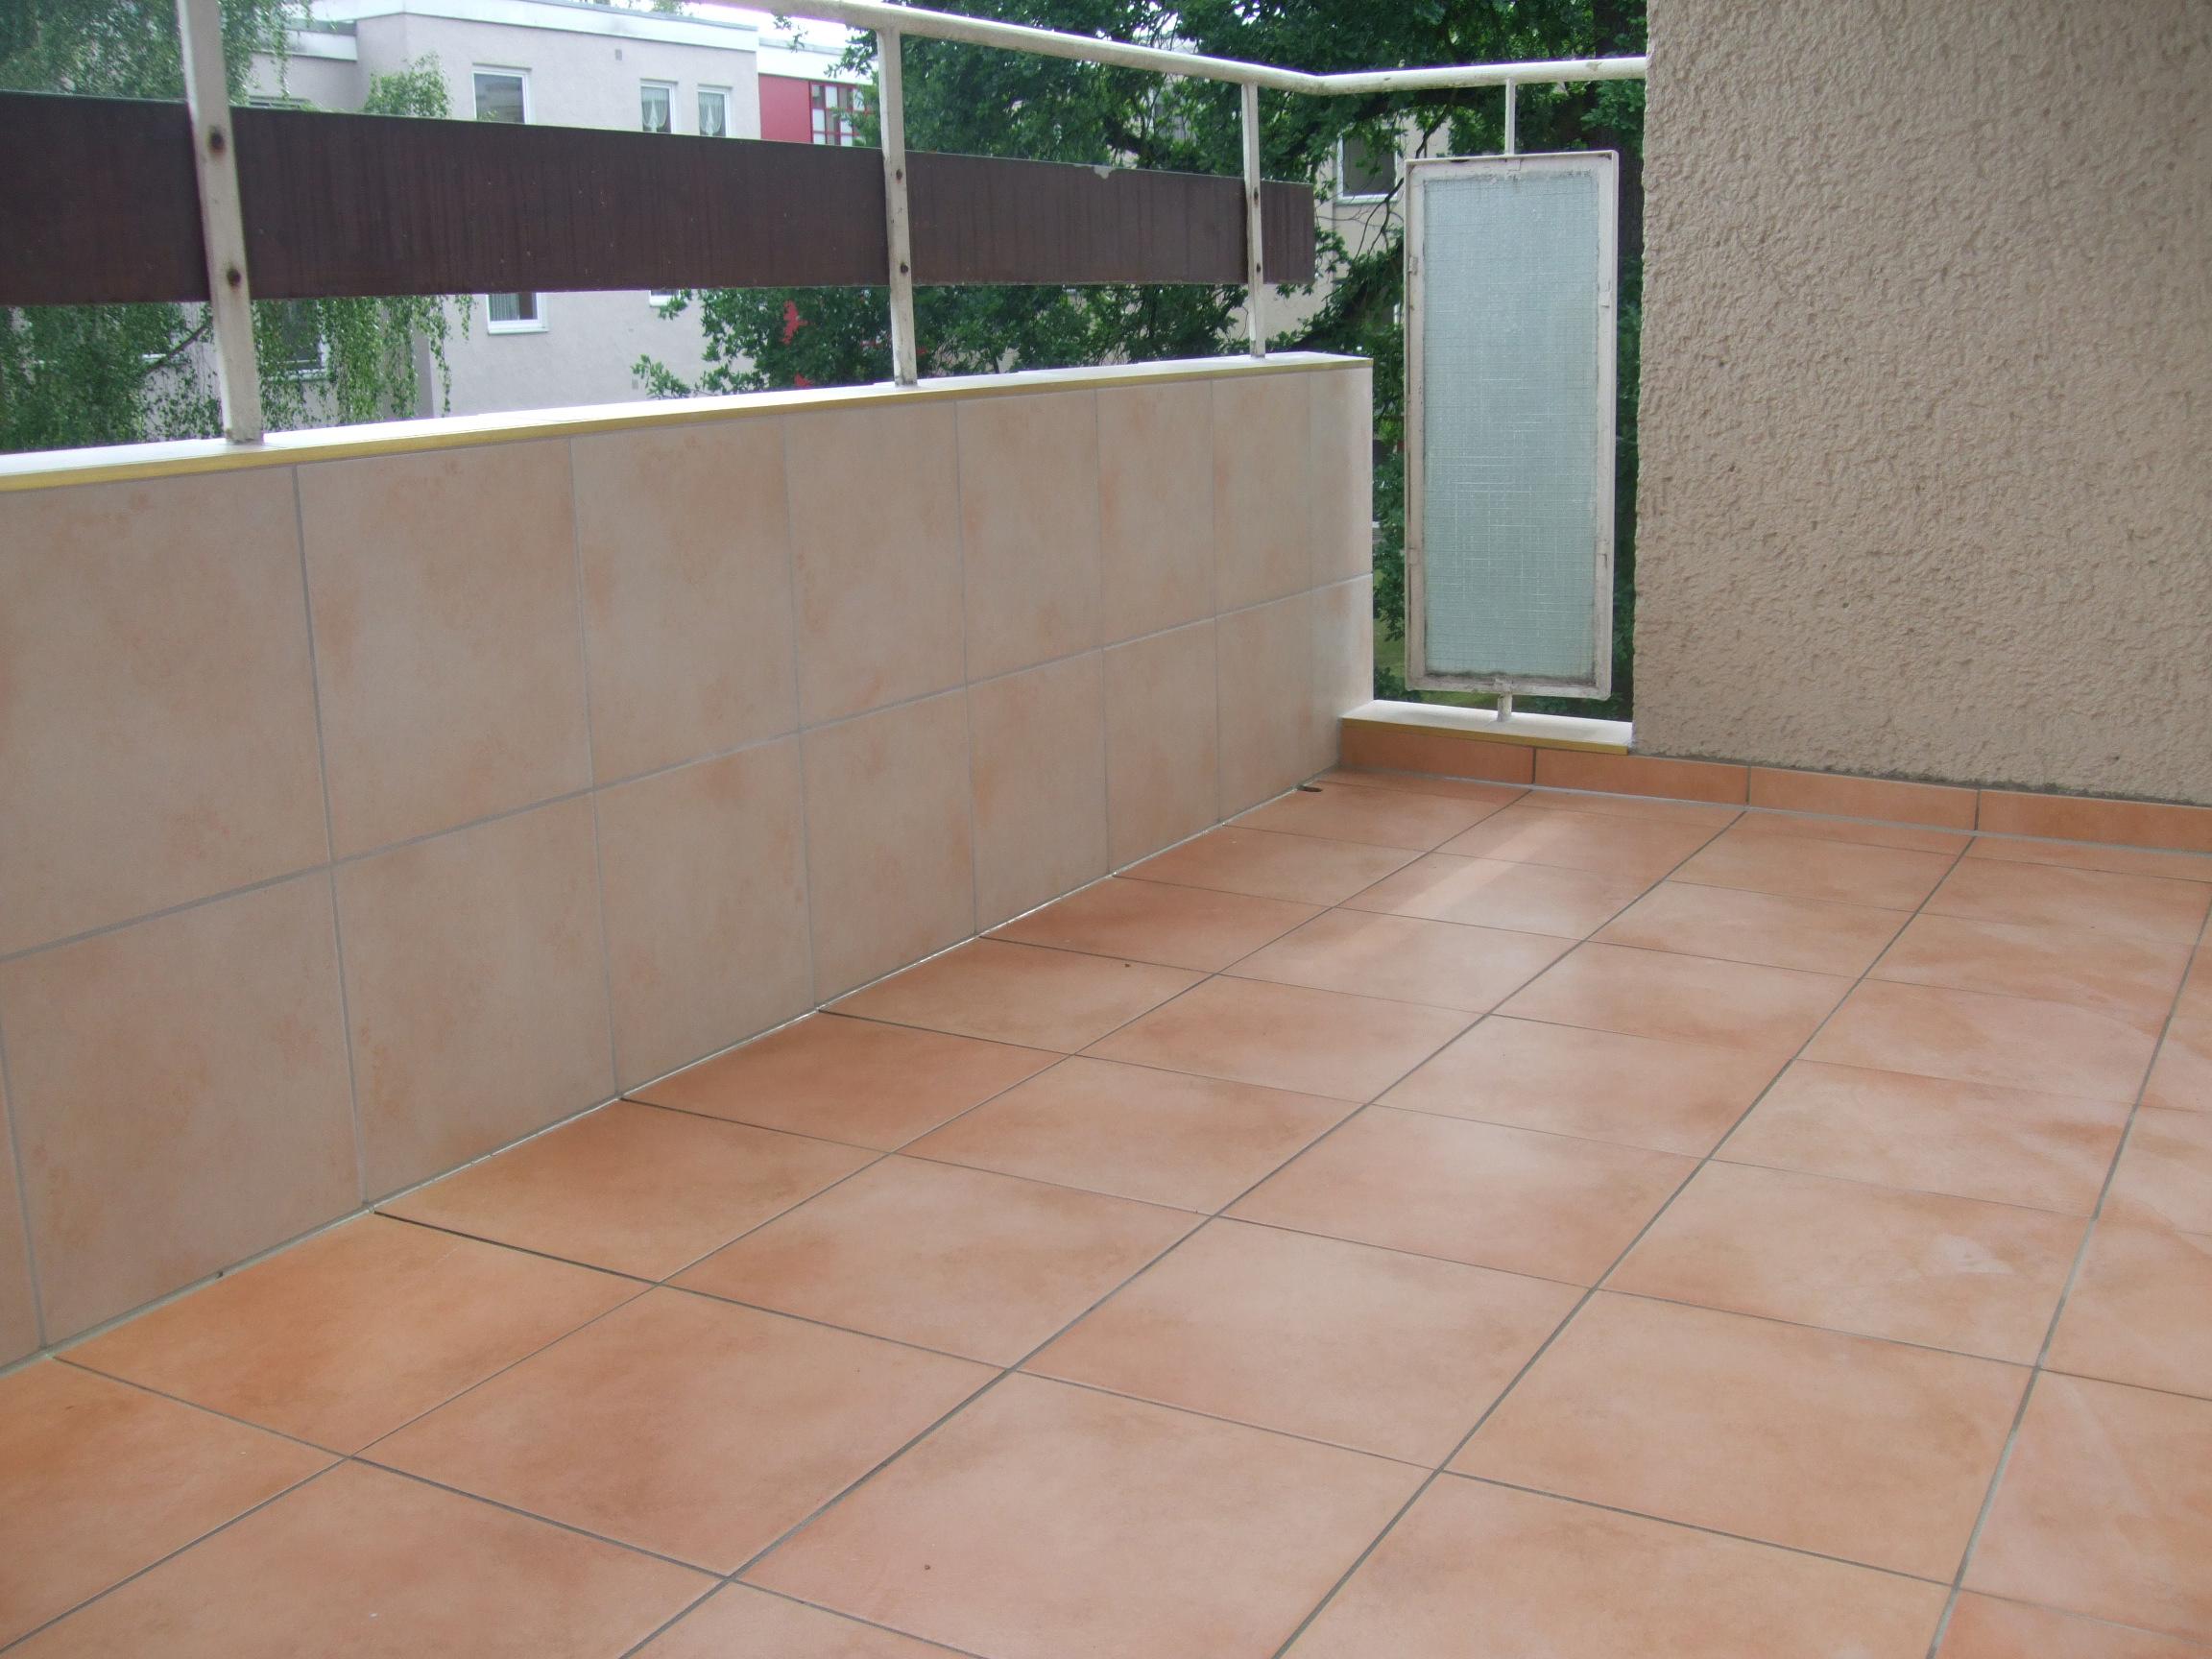 Porcelaingres Feinsteinzeug Fliesen Steingut Fußboden - Mosaik fliesen für balkon